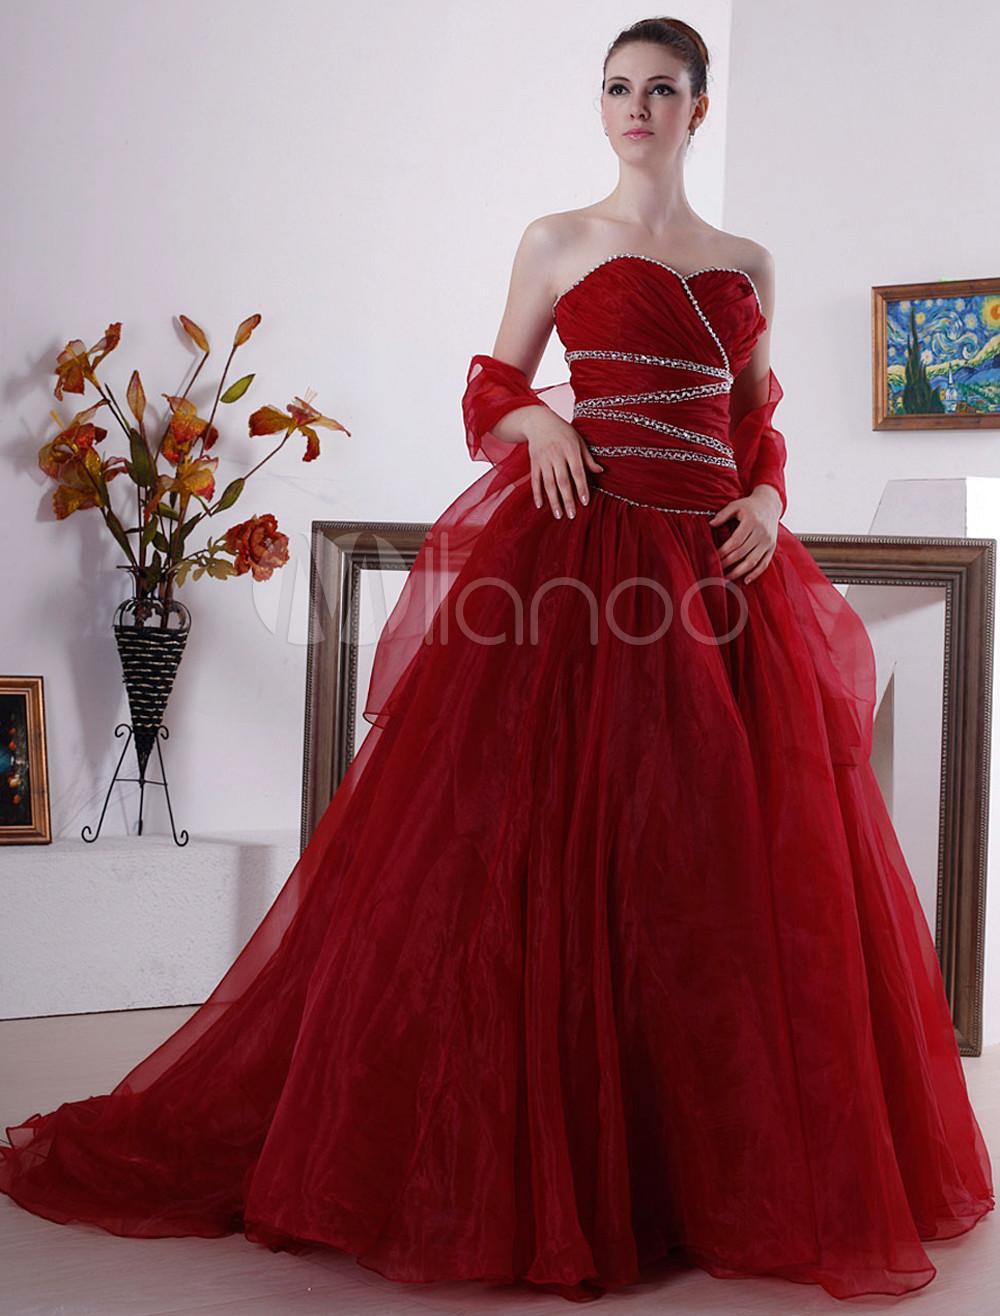 red hot red wedding dresses. Black Bedroom Furniture Sets. Home Design Ideas